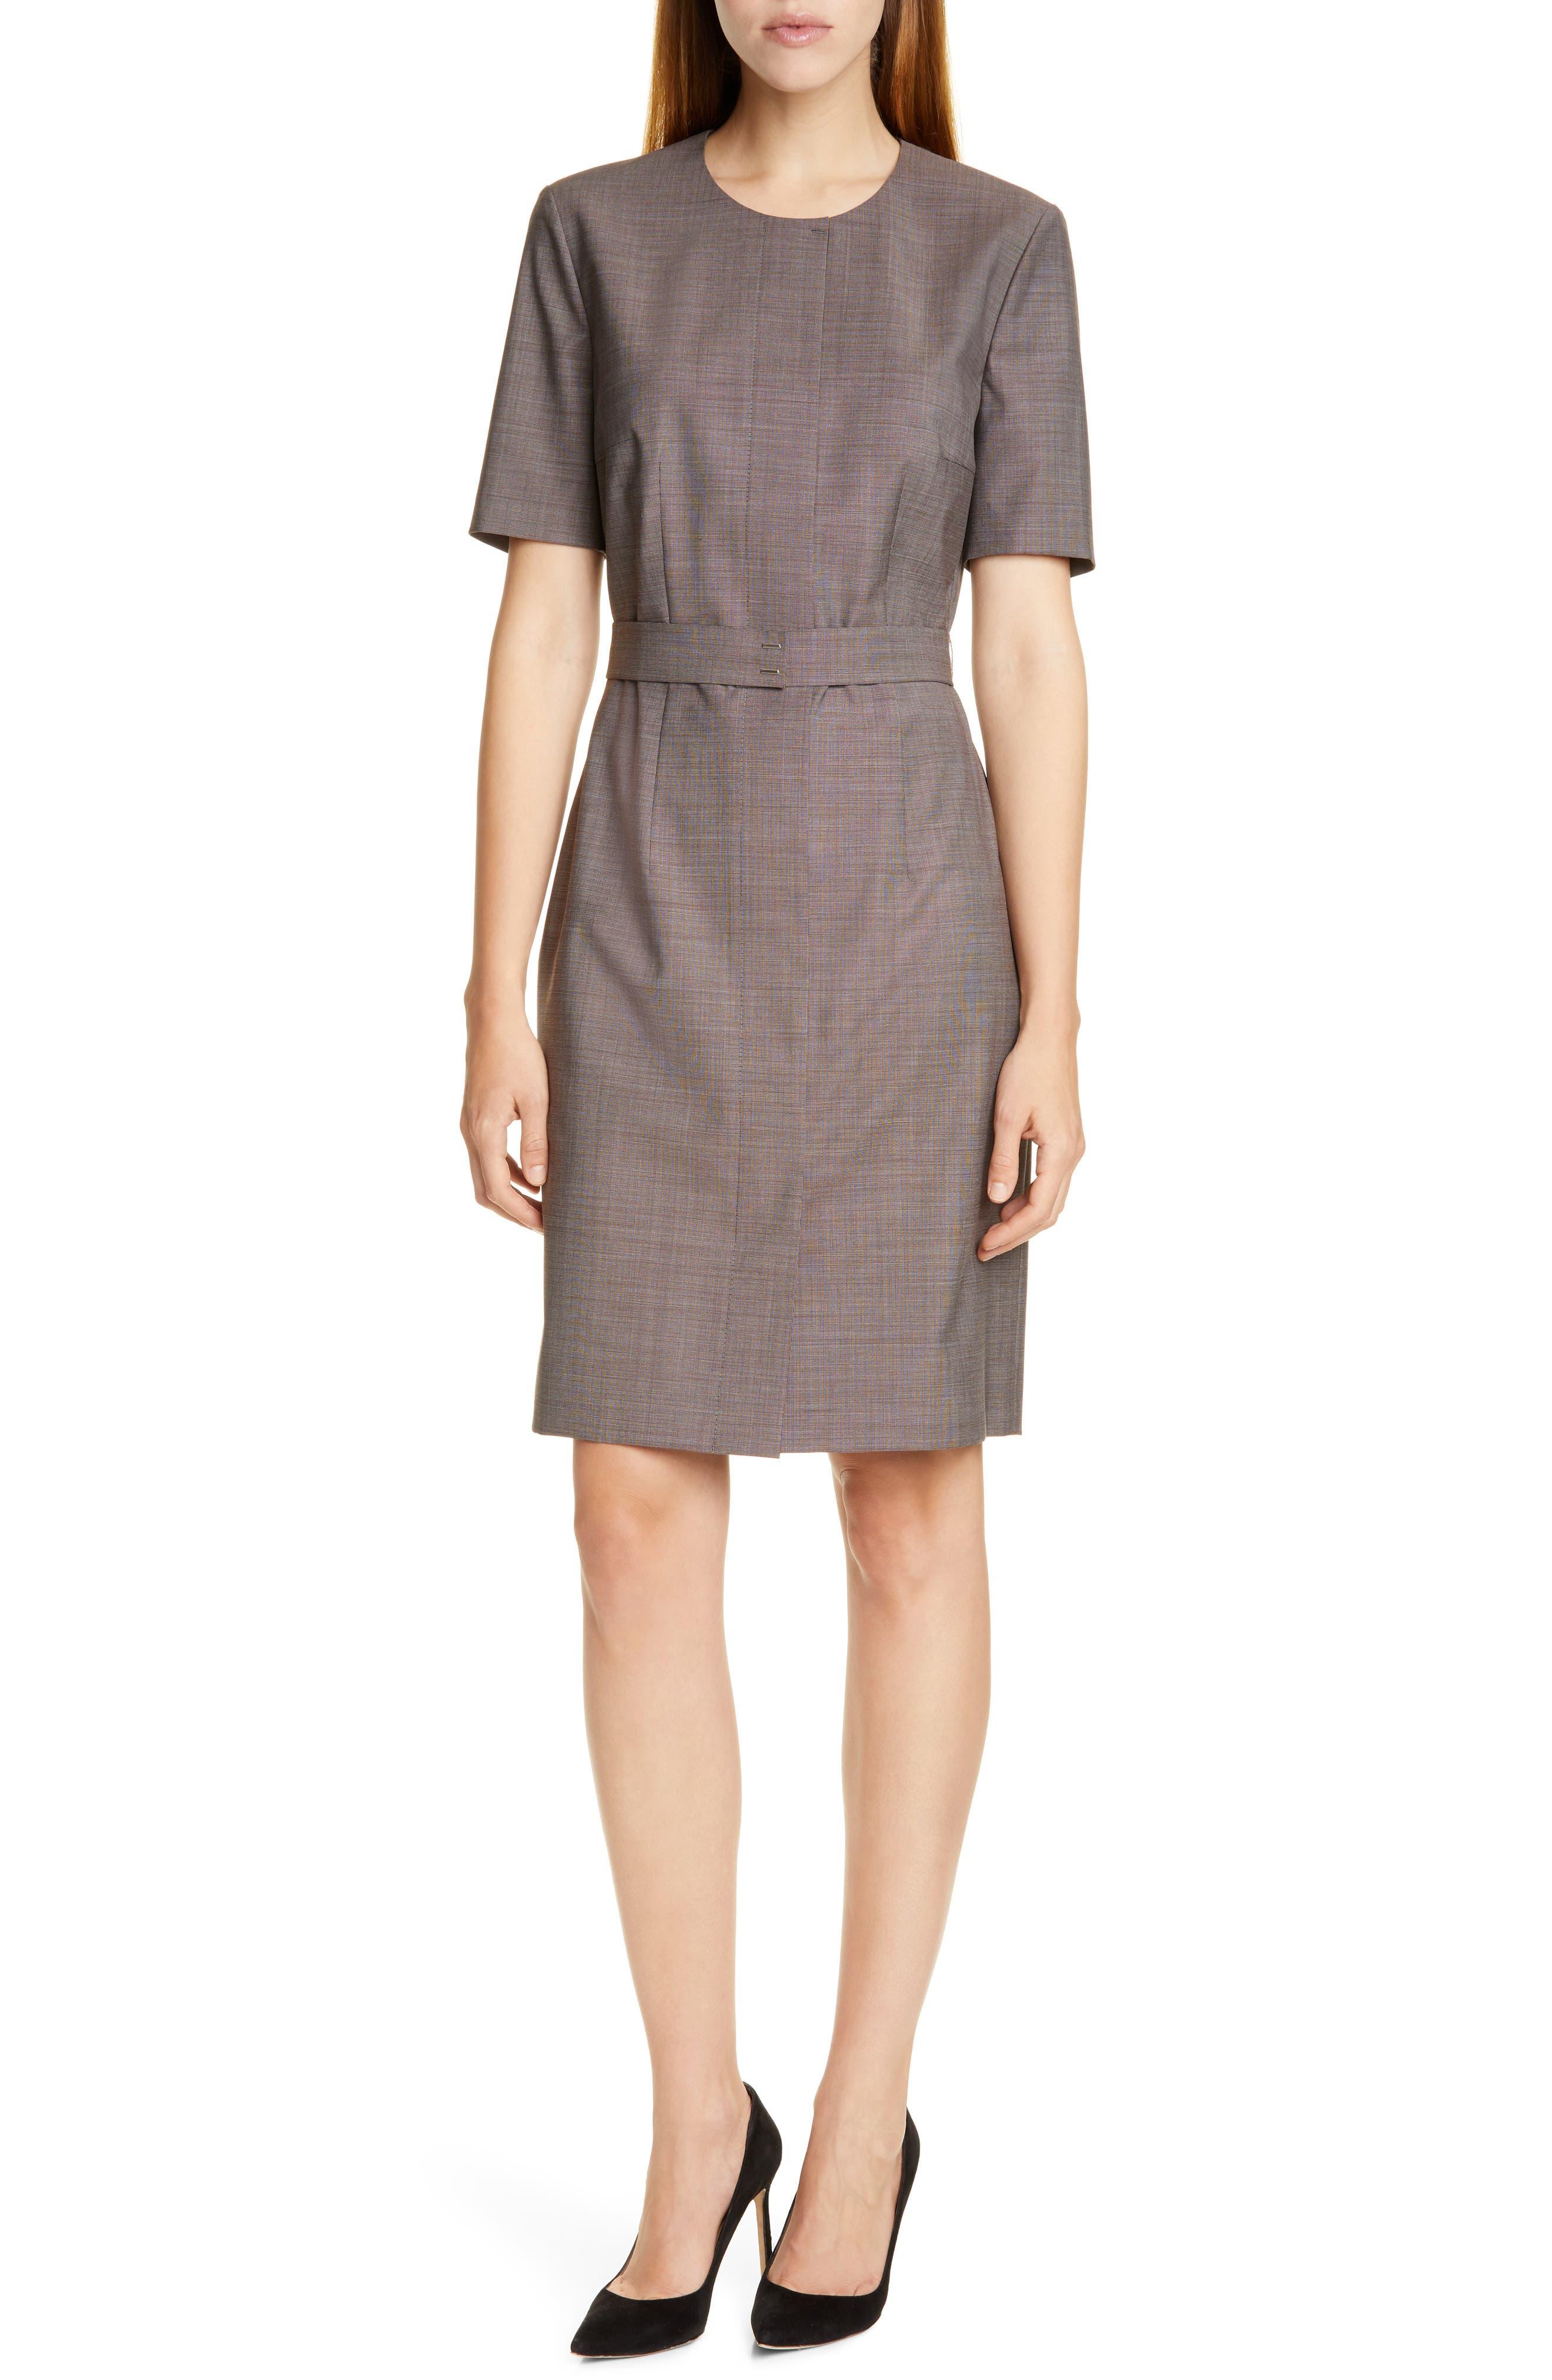 Image of BOSS Damaren Wool Sheath Dress